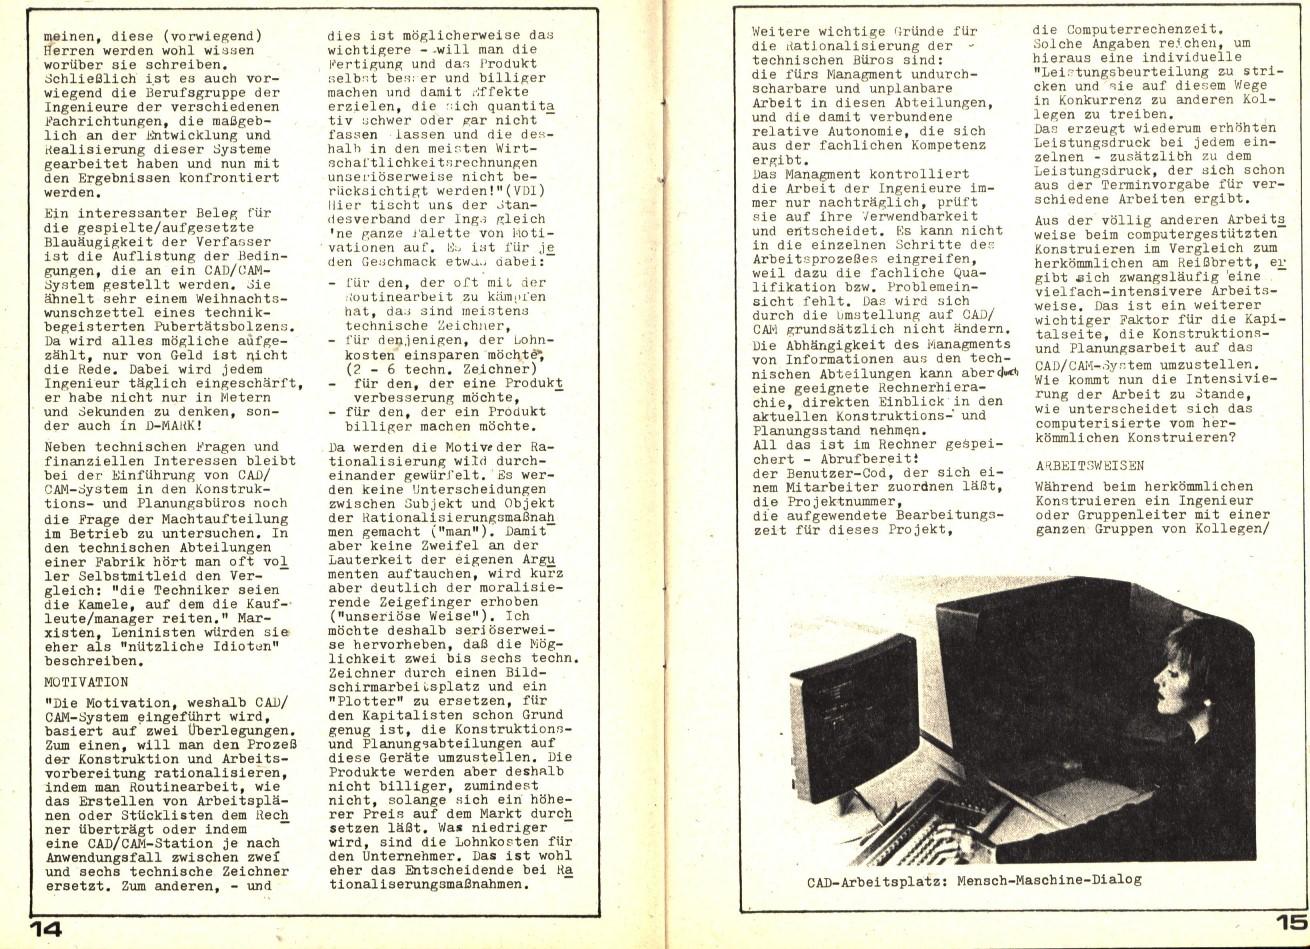 FAU_1990_Die_Roboter_kommen_09